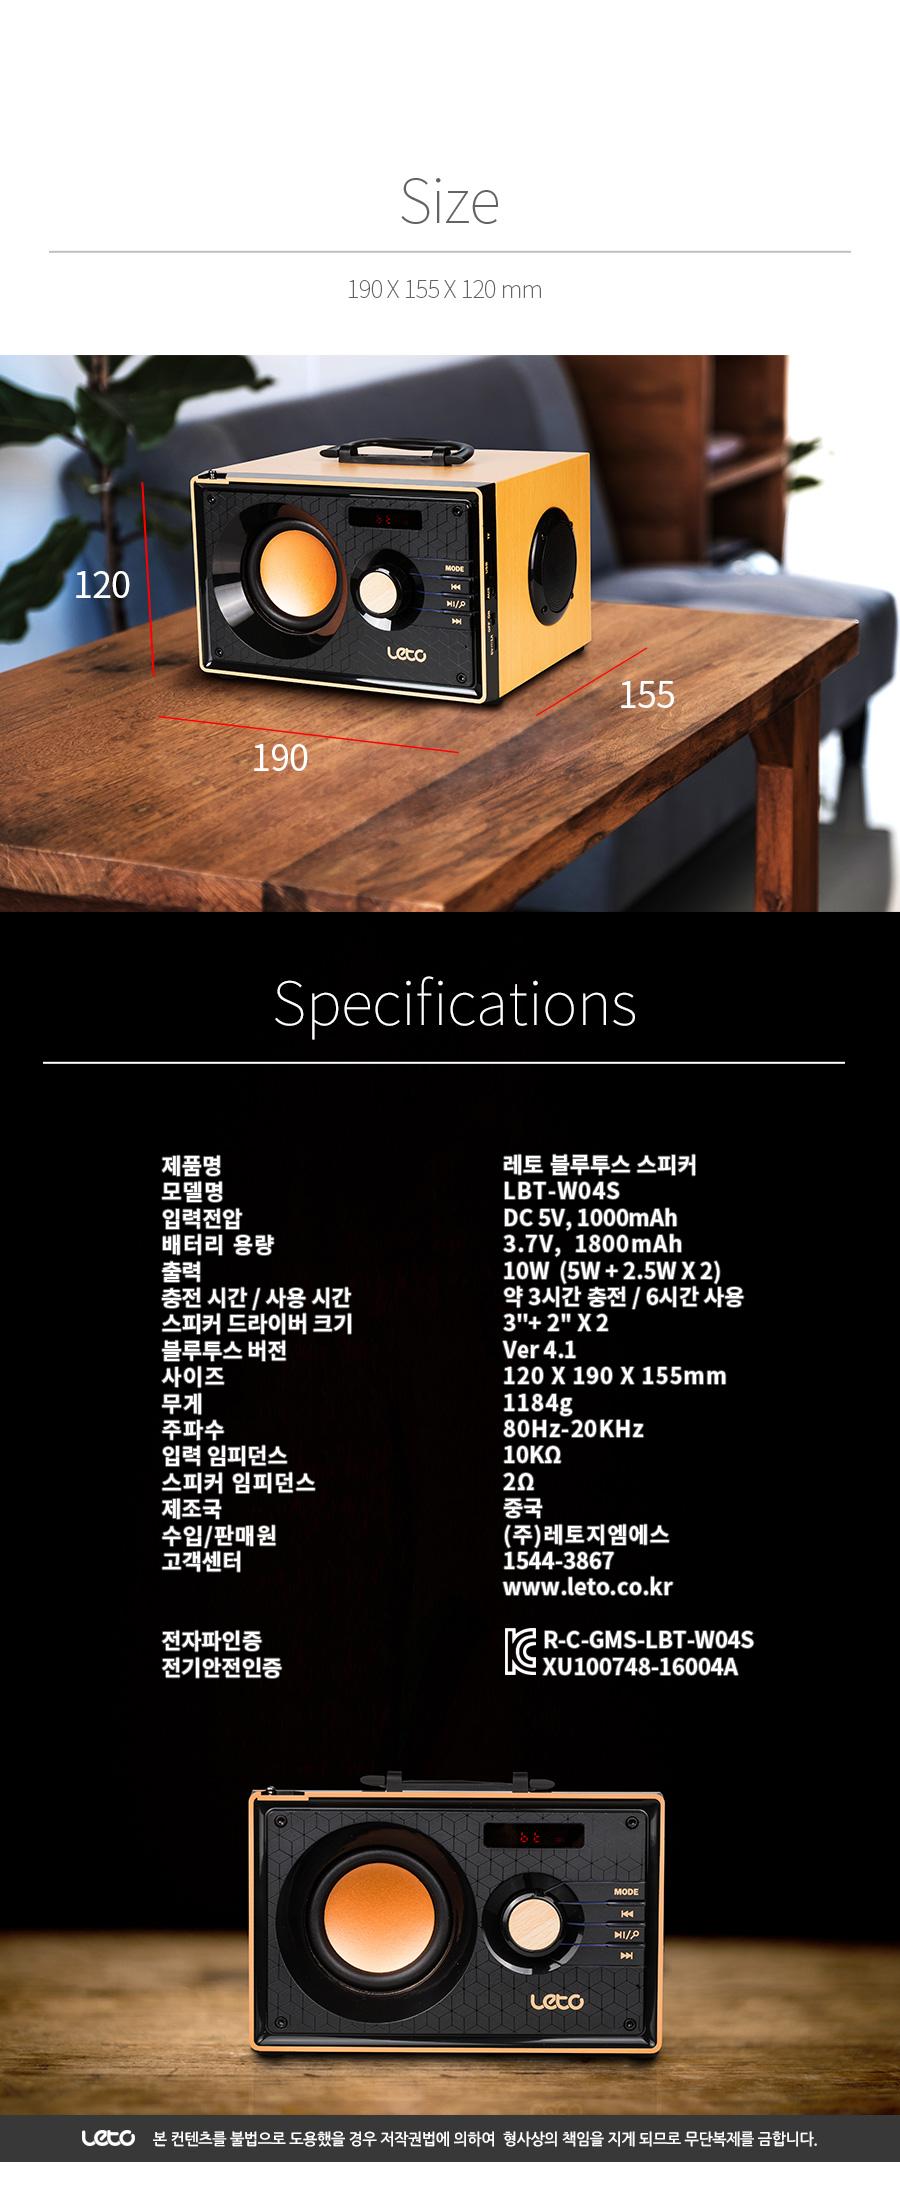 레트로 무선 블루투스스피커 LBT-W04S 우퍼 FM라디오 - 레토, 49,900원, 스피커, 무드등/블루투스 스피커